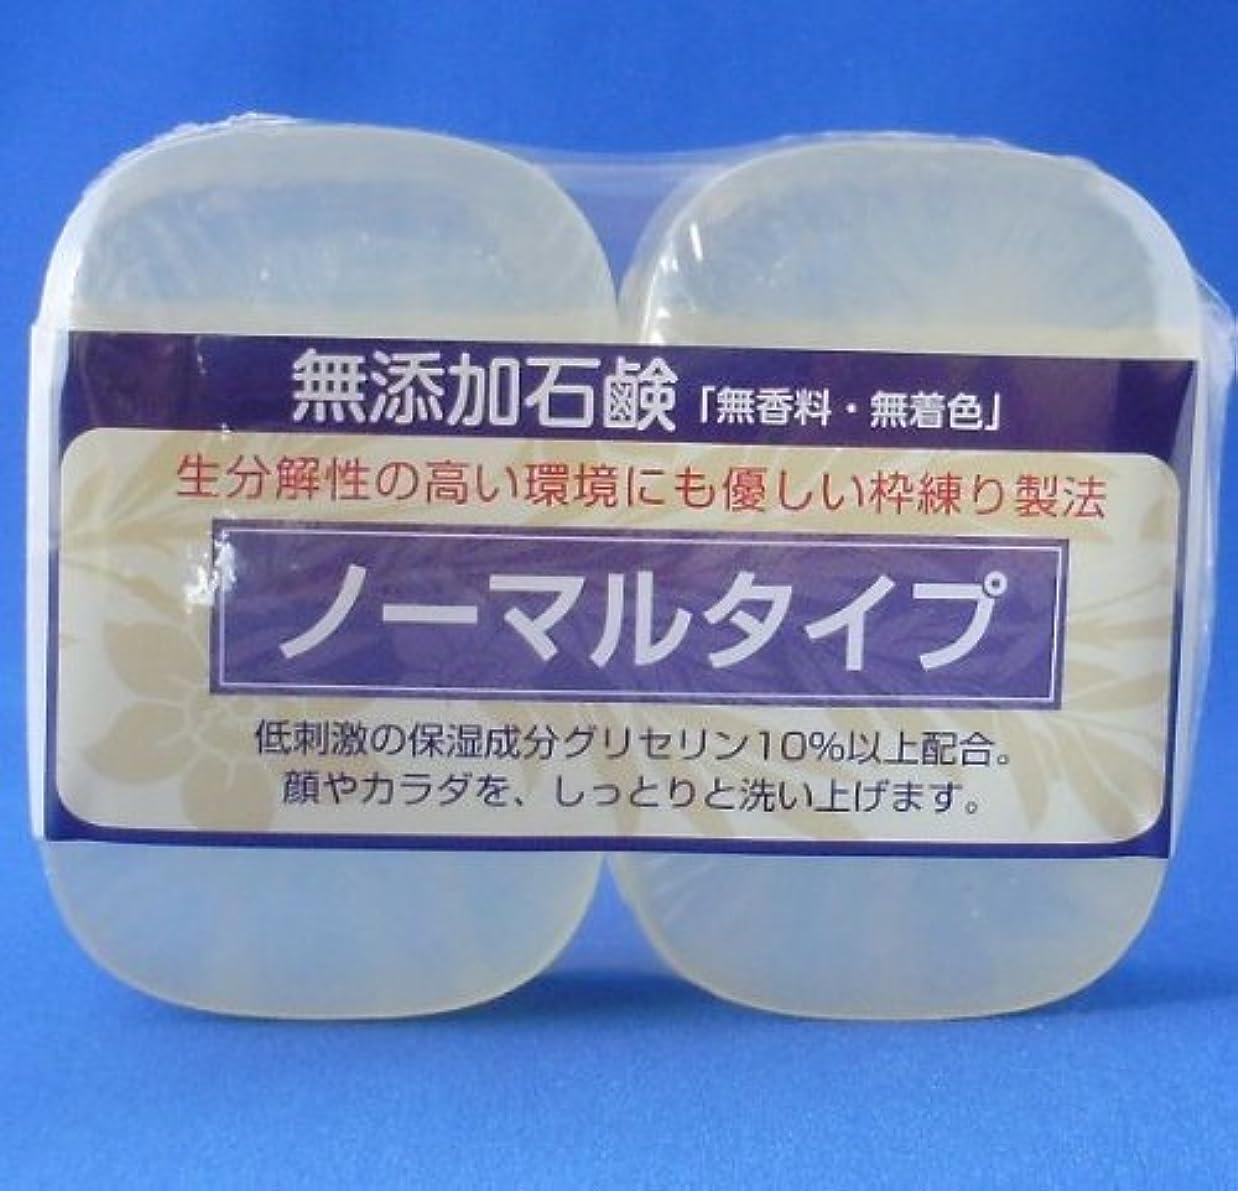 講師予備有名無添加石鹸 ノーマルタイプ 90g×2個